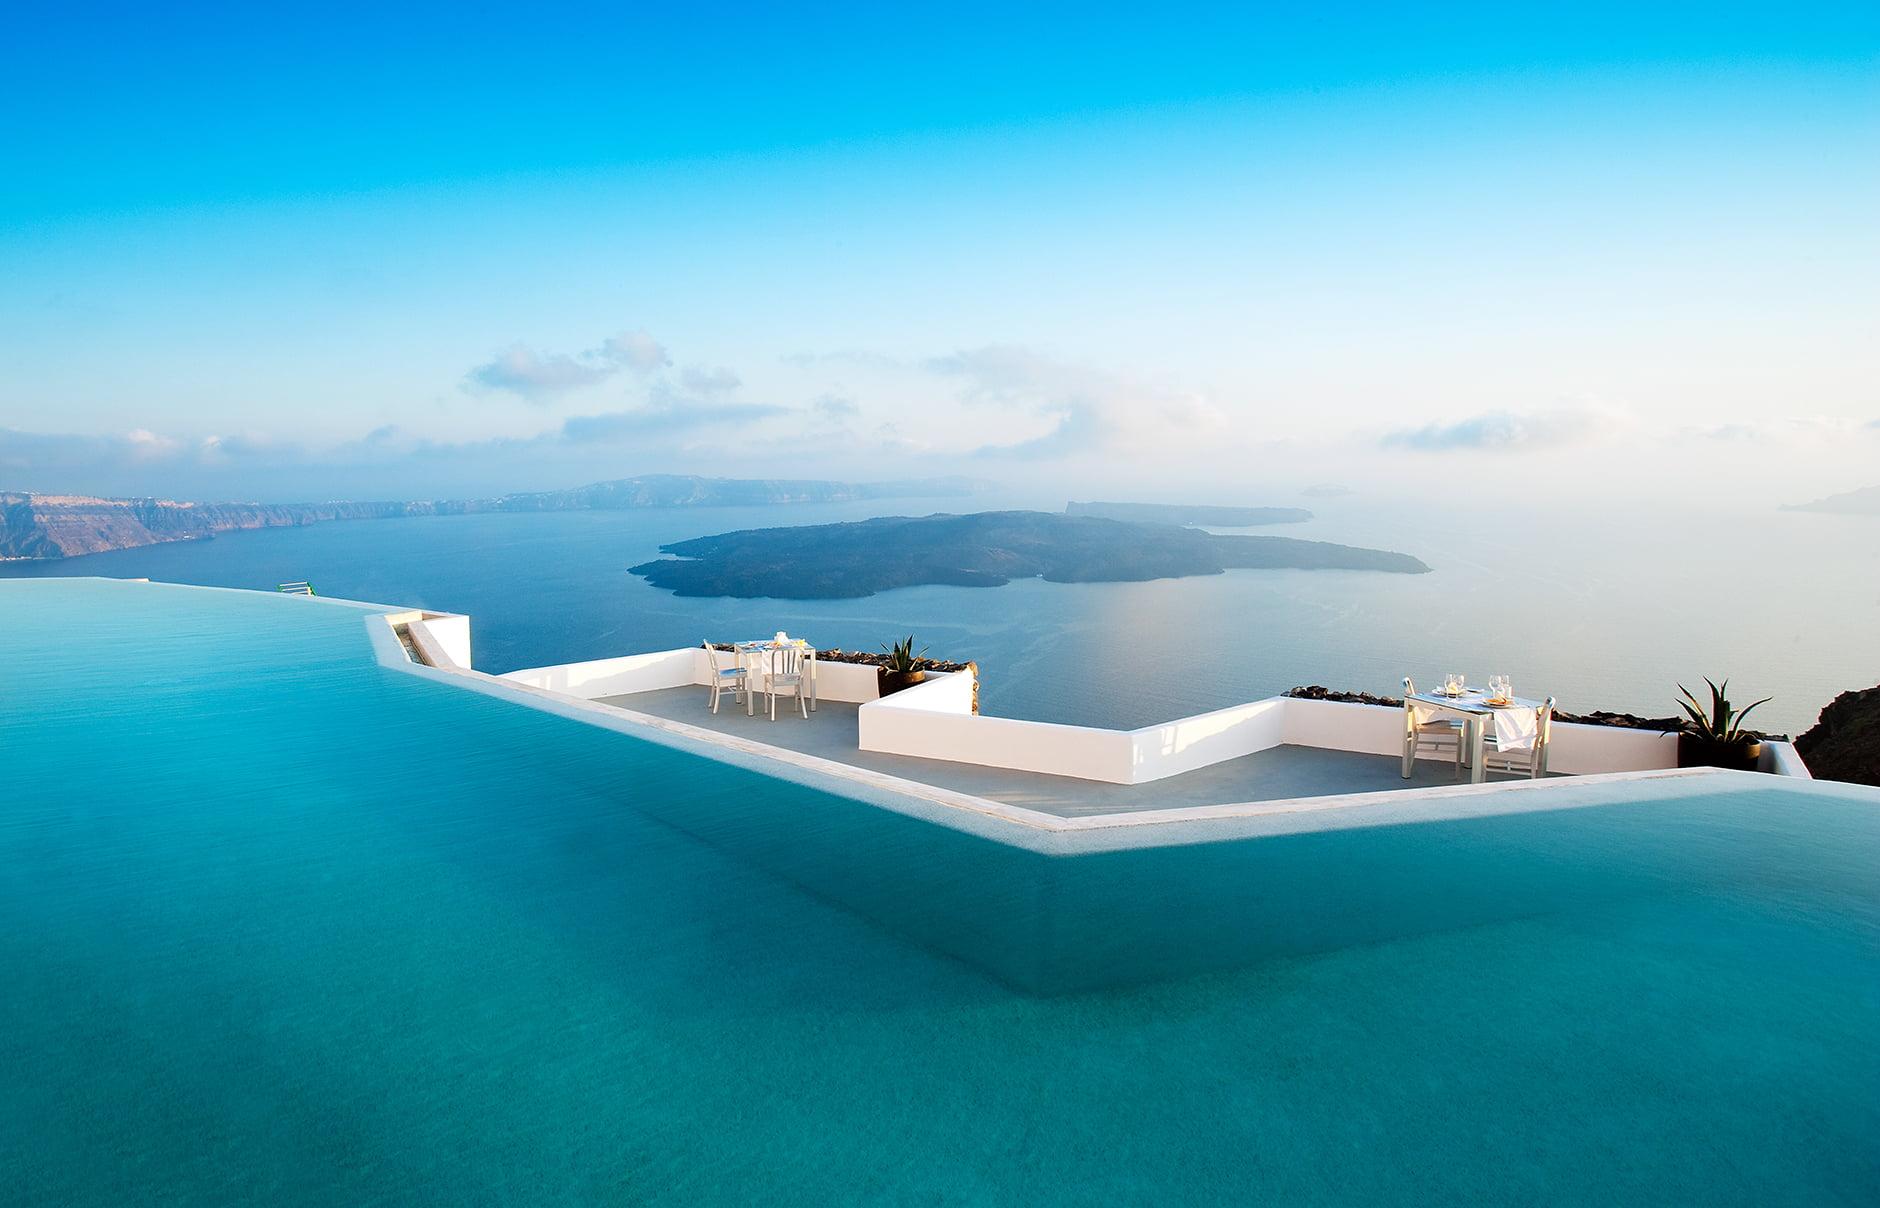 Εσείς αν είχατε ξενοδοχείο θα το ανοίγατε;